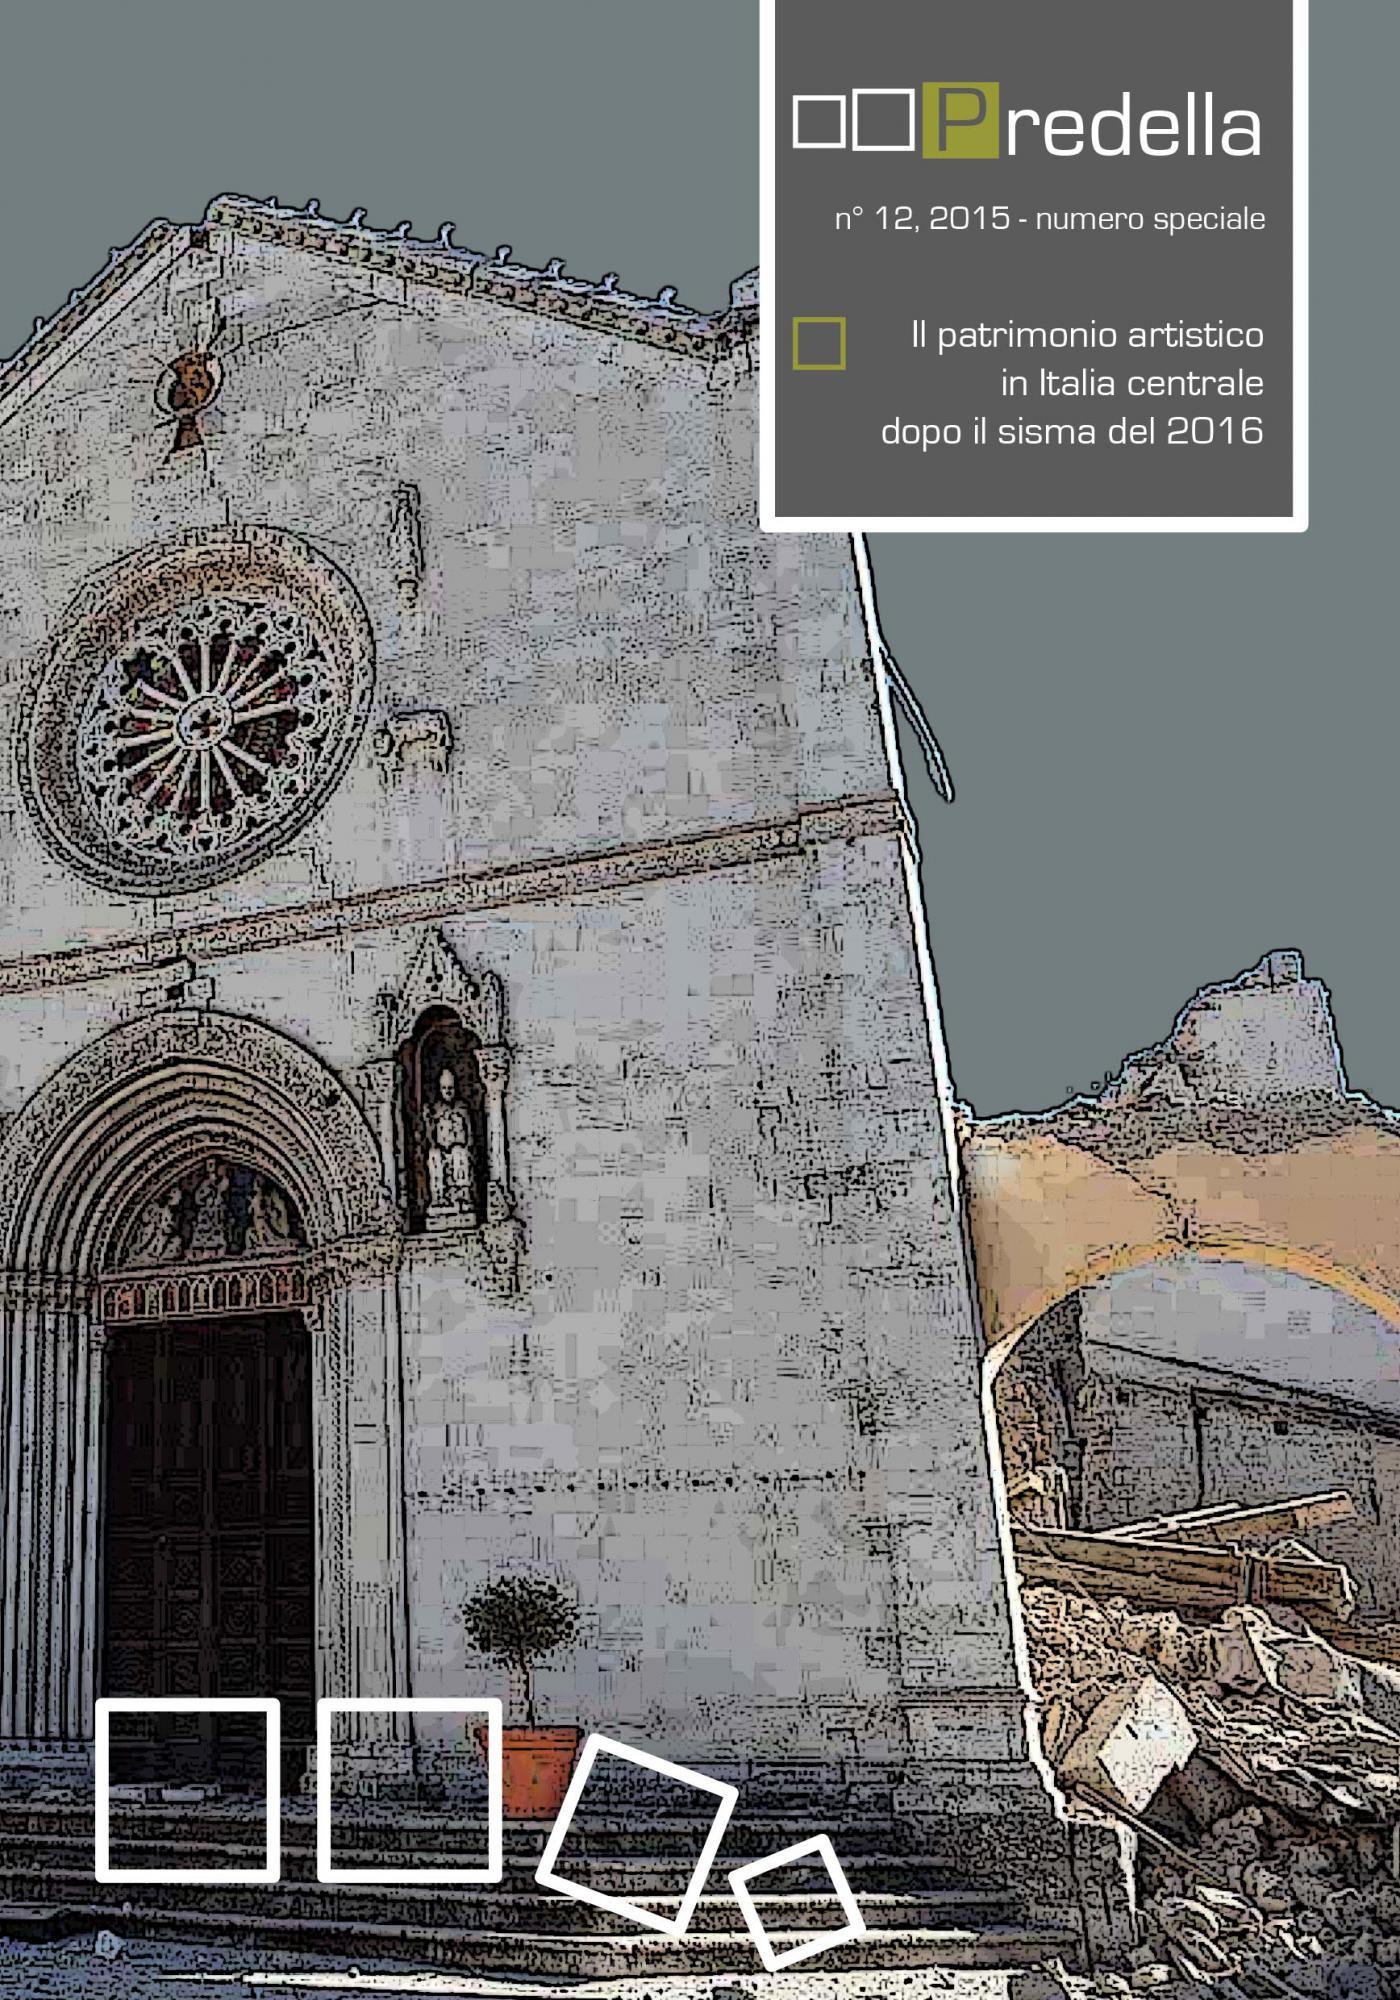 Il patrimonio artistico in Italia centrale dopo il sisma del 2016.predella / monografie, n° 12